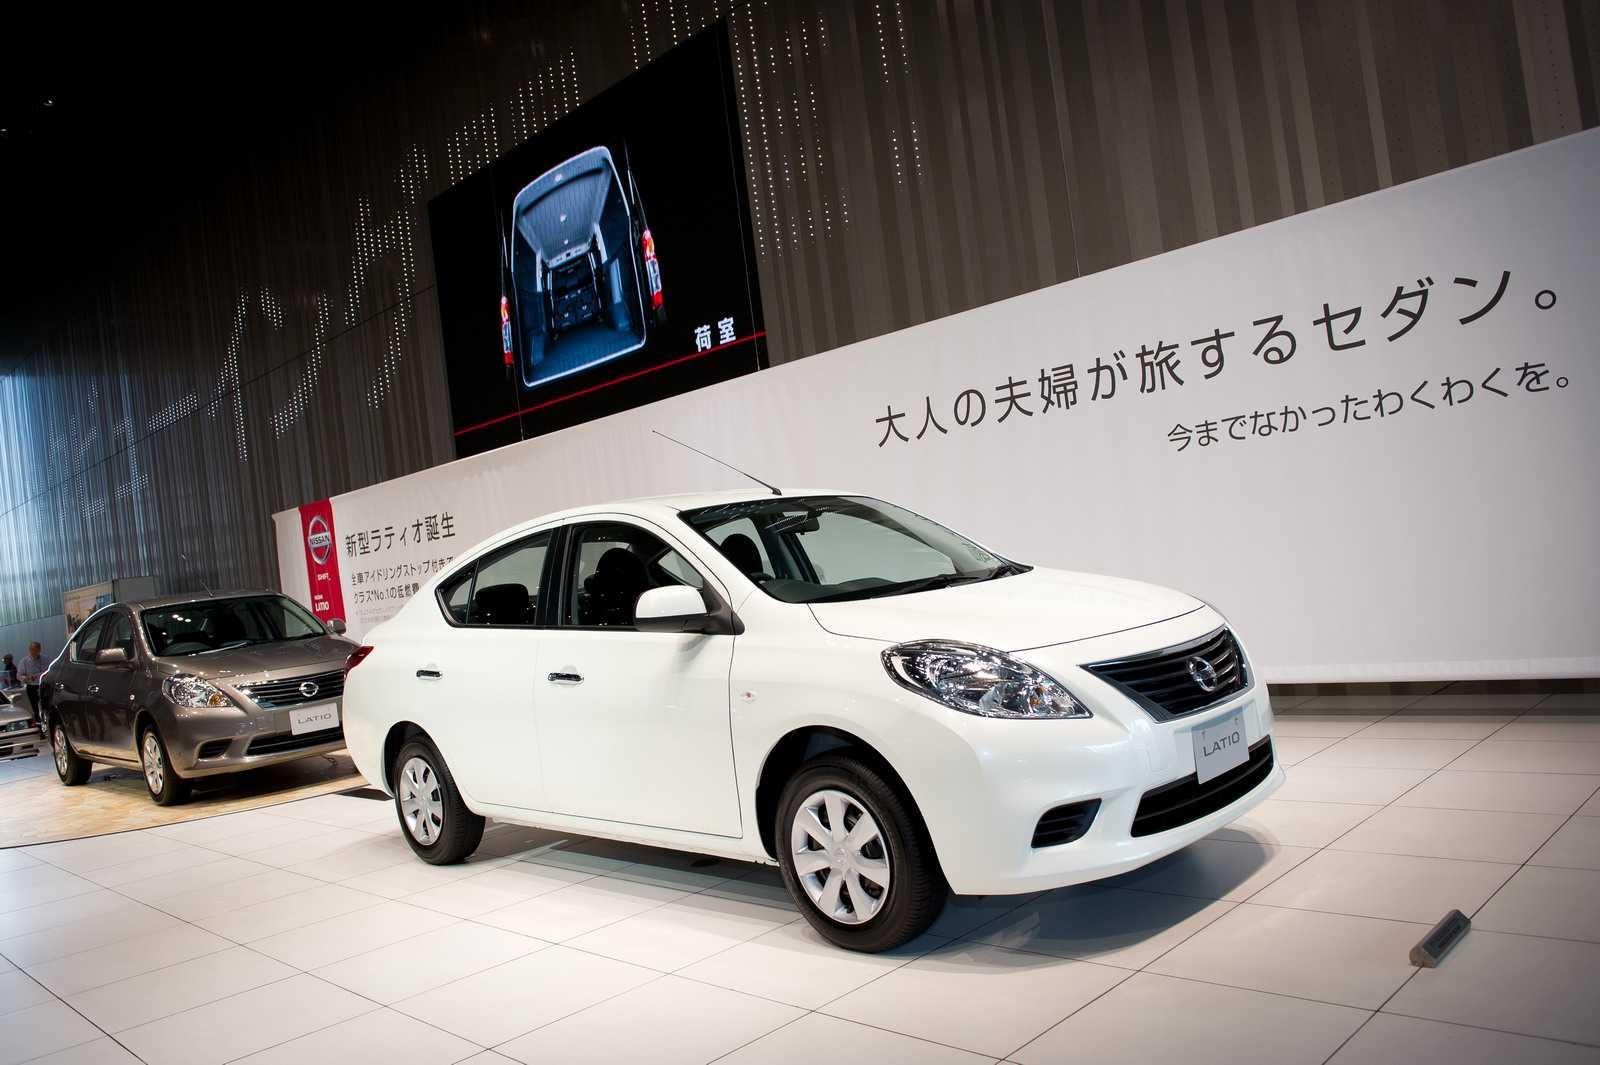 Японский бренд nissan показал новый электрокар, похожий на концепт imx ► последние новости